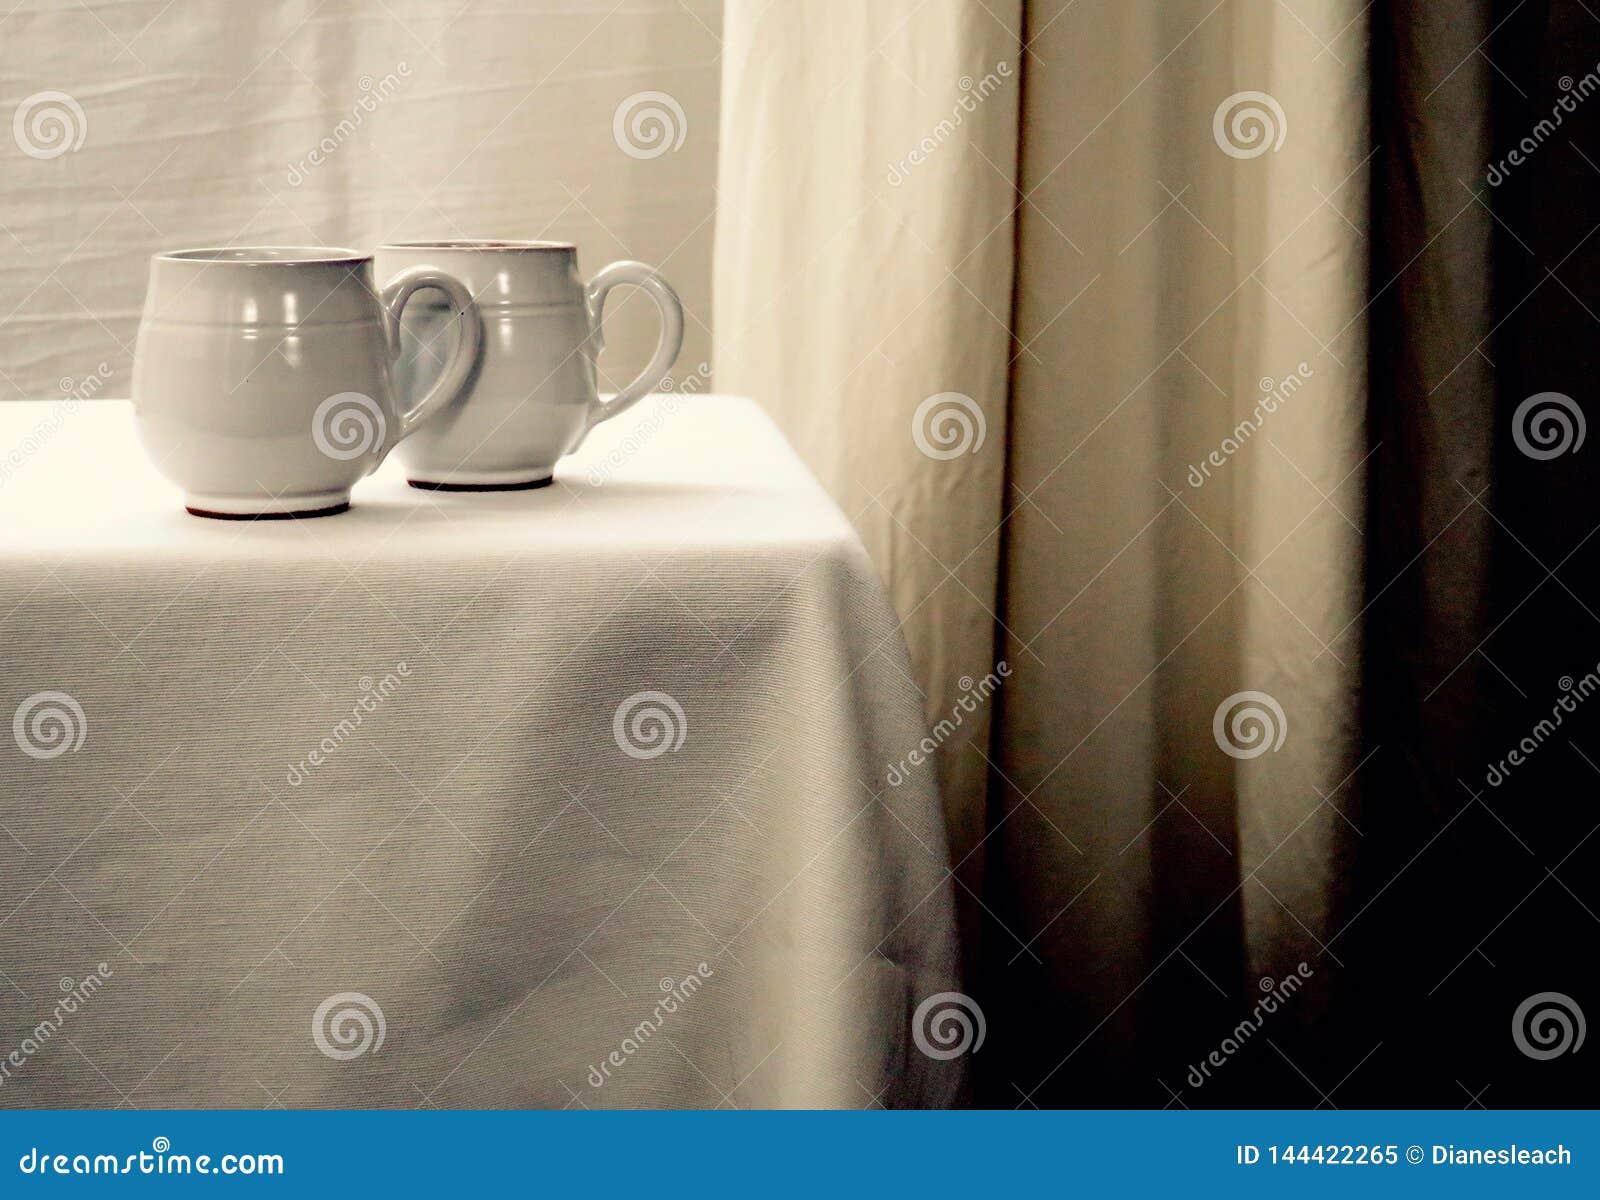 Dos tazas de té blancas en una tabla blanca contra un fondo blanco